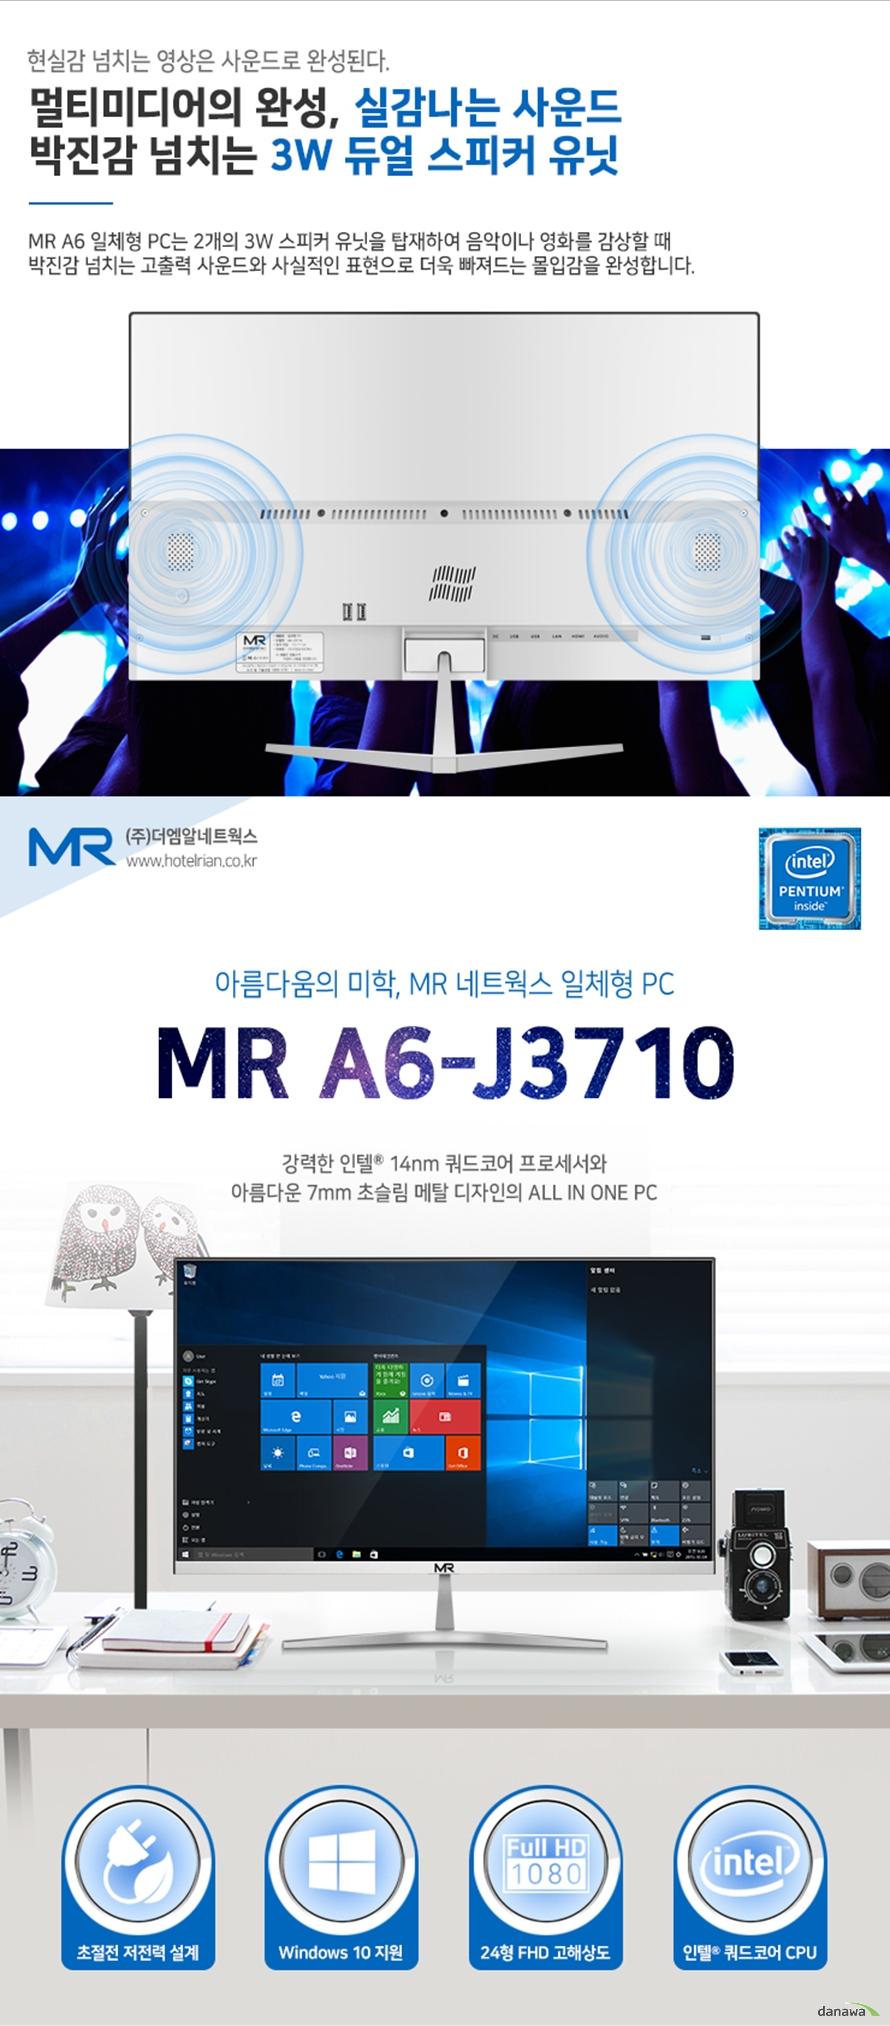 MR A6 일체형 PC는 2개의 3W 스피커 유닛을 탑재하여 음악이나 영화를 감상할 때 박진감 넘치는 고출력 사운드와 사실적인 표현으로 더욱 빠져드는 몰입감을 완성합니다.